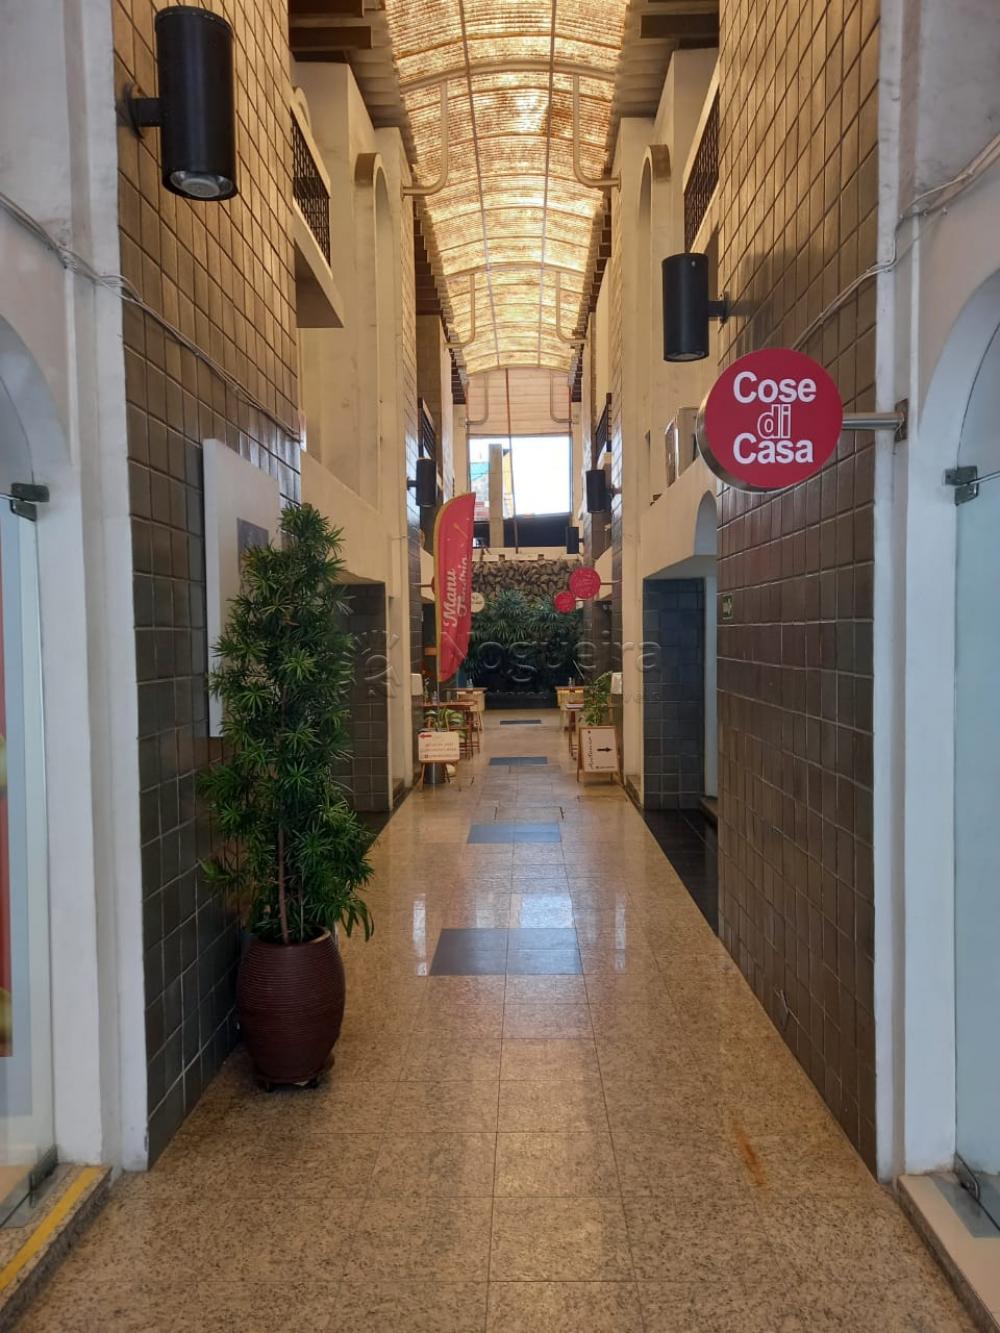 Excelente ponto comercial em galeria na Avenida Conselheiro Aguiar com 50 metros quadrados. Loja possui mezanino e vagas rotativas de garangem.